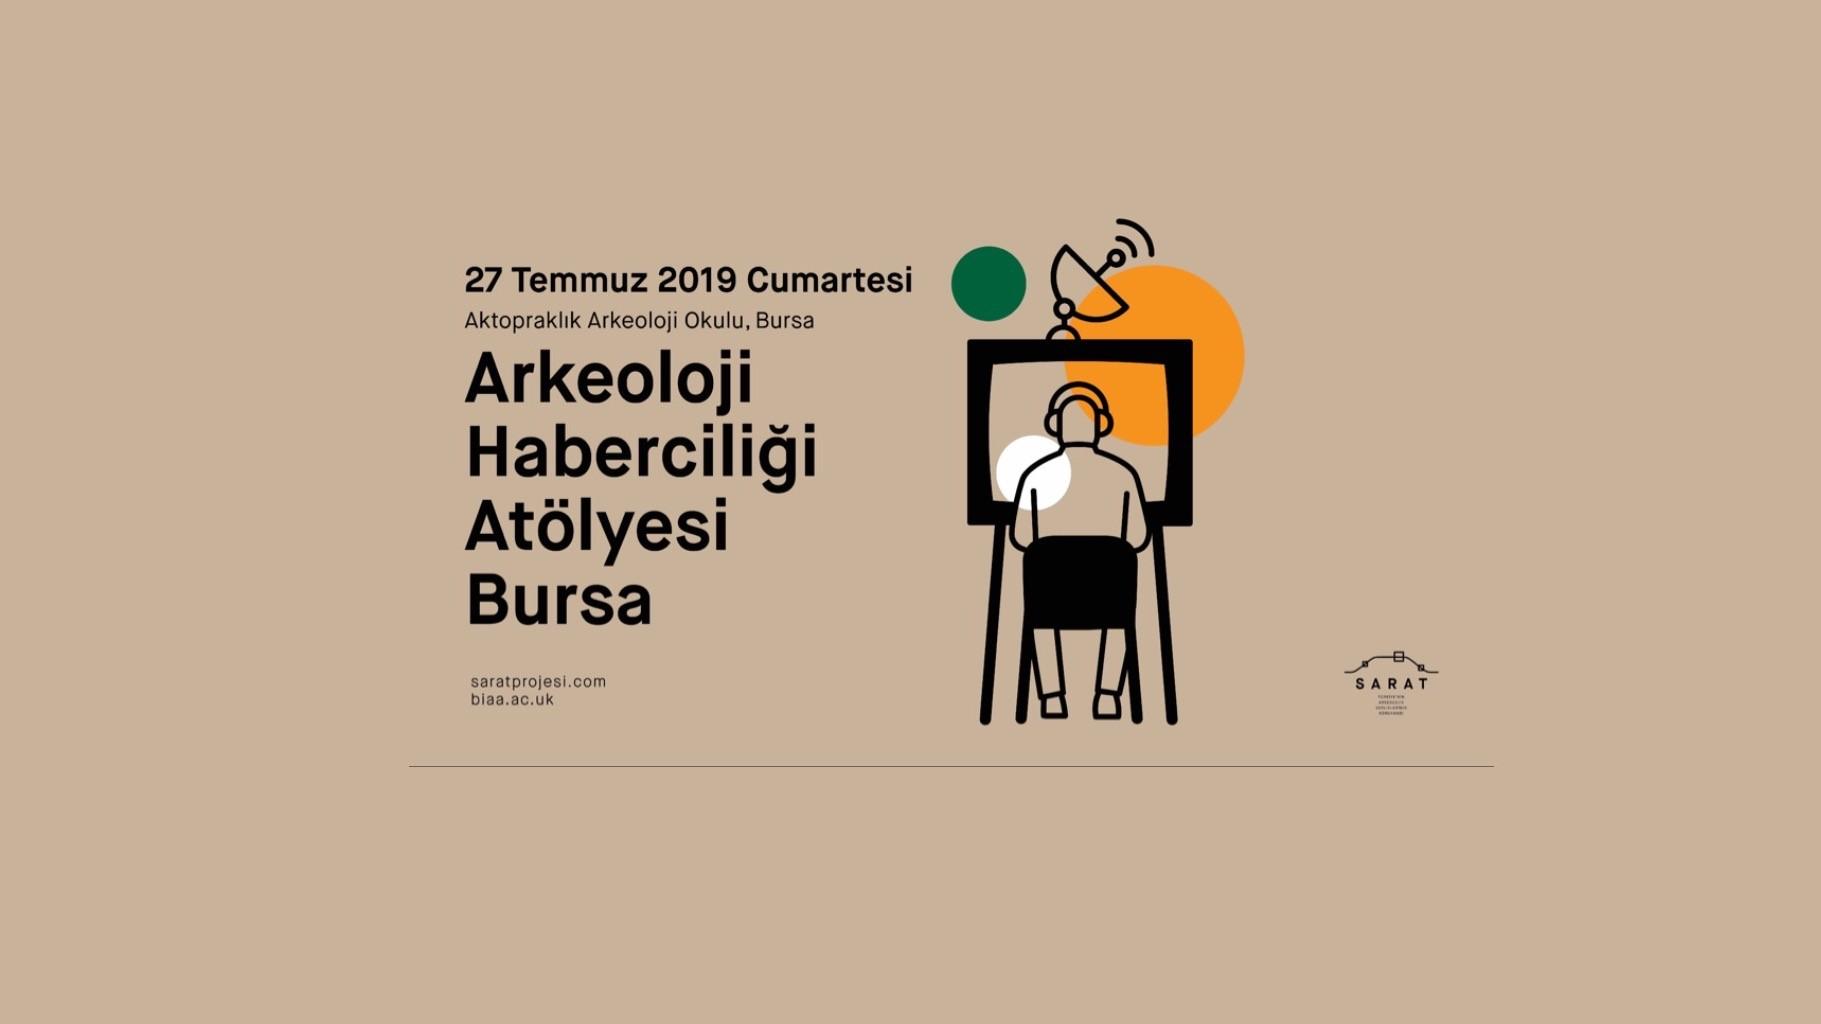 Arkeoloji Haberciliği Atölyesi - Bursa